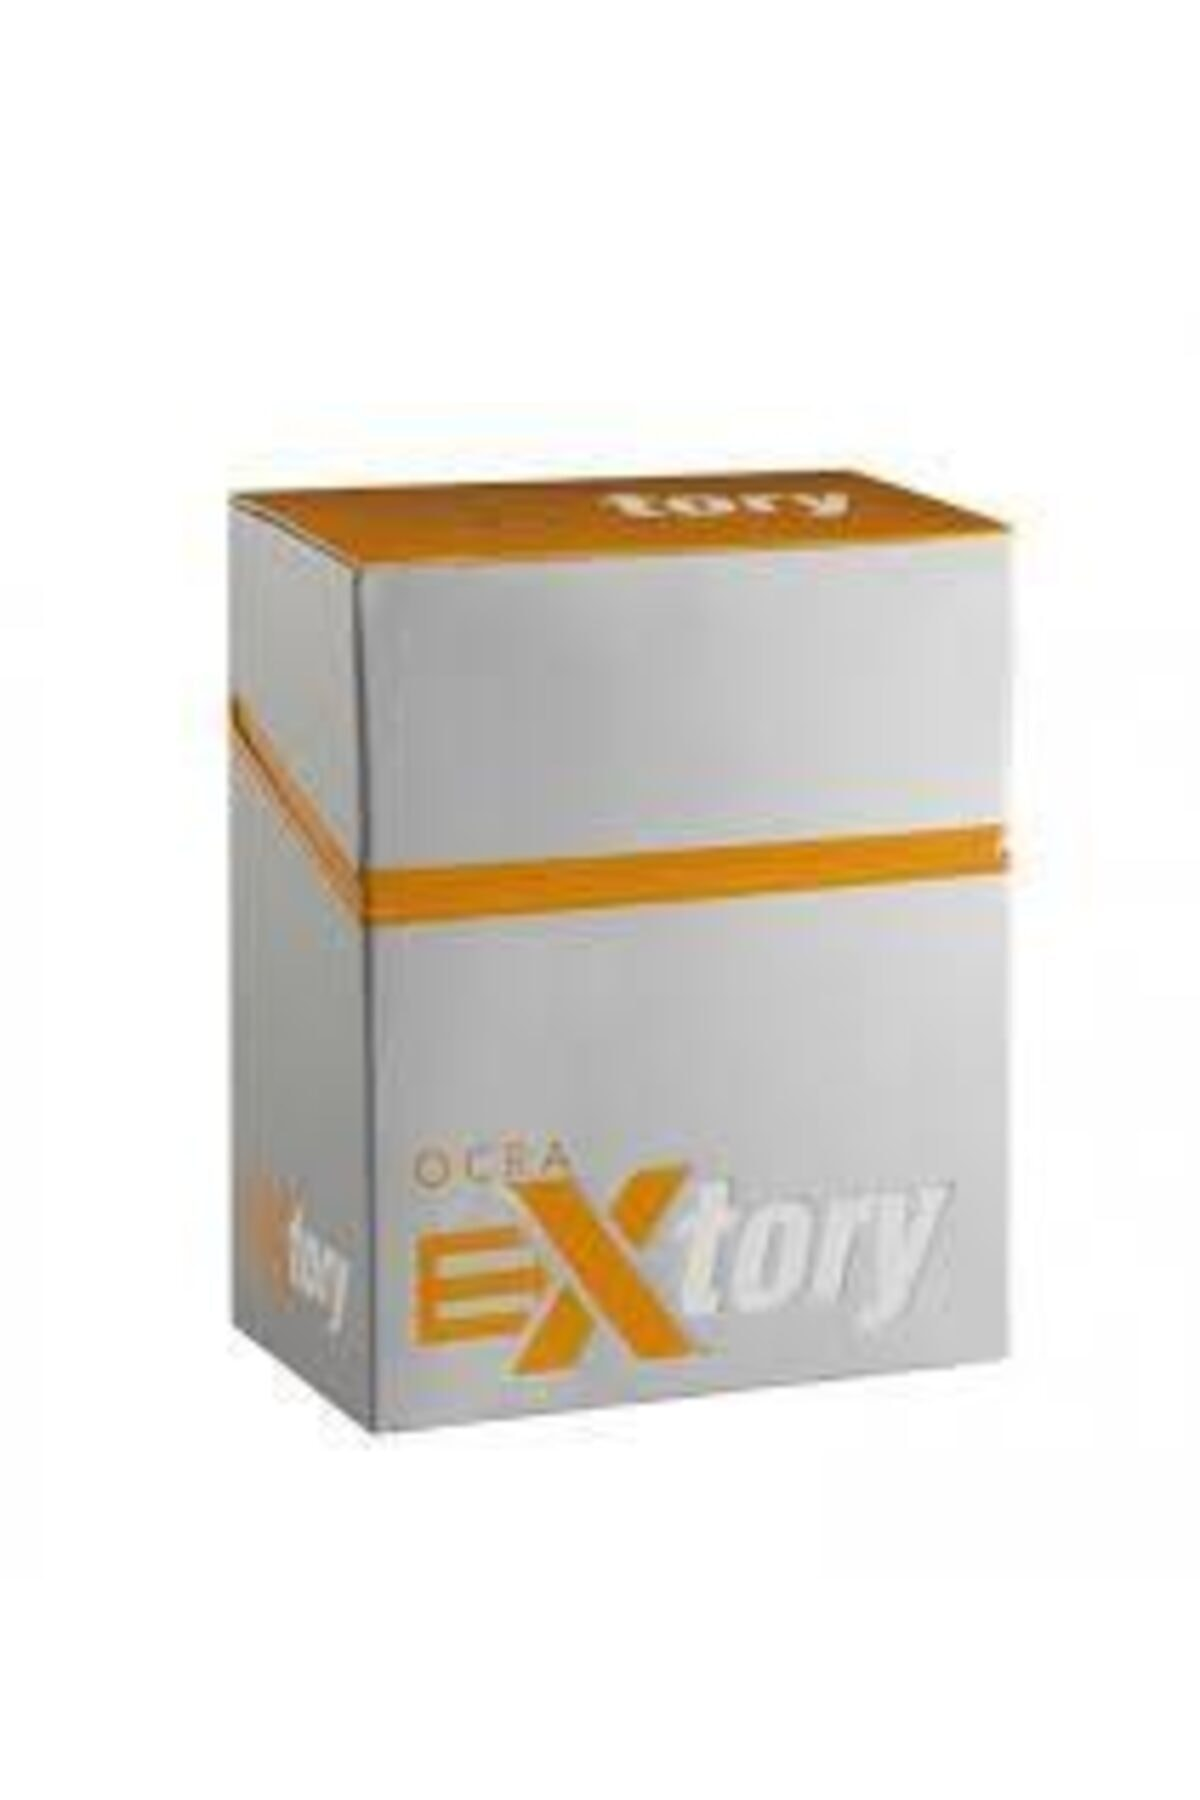 Extory Ocra Edt 100ml Erkek Parfüm 2